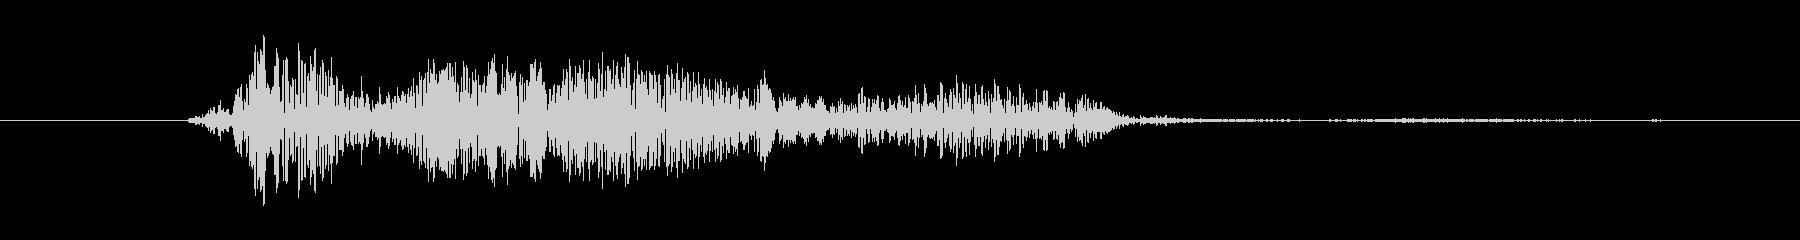 犬 鳴き声04の未再生の波形